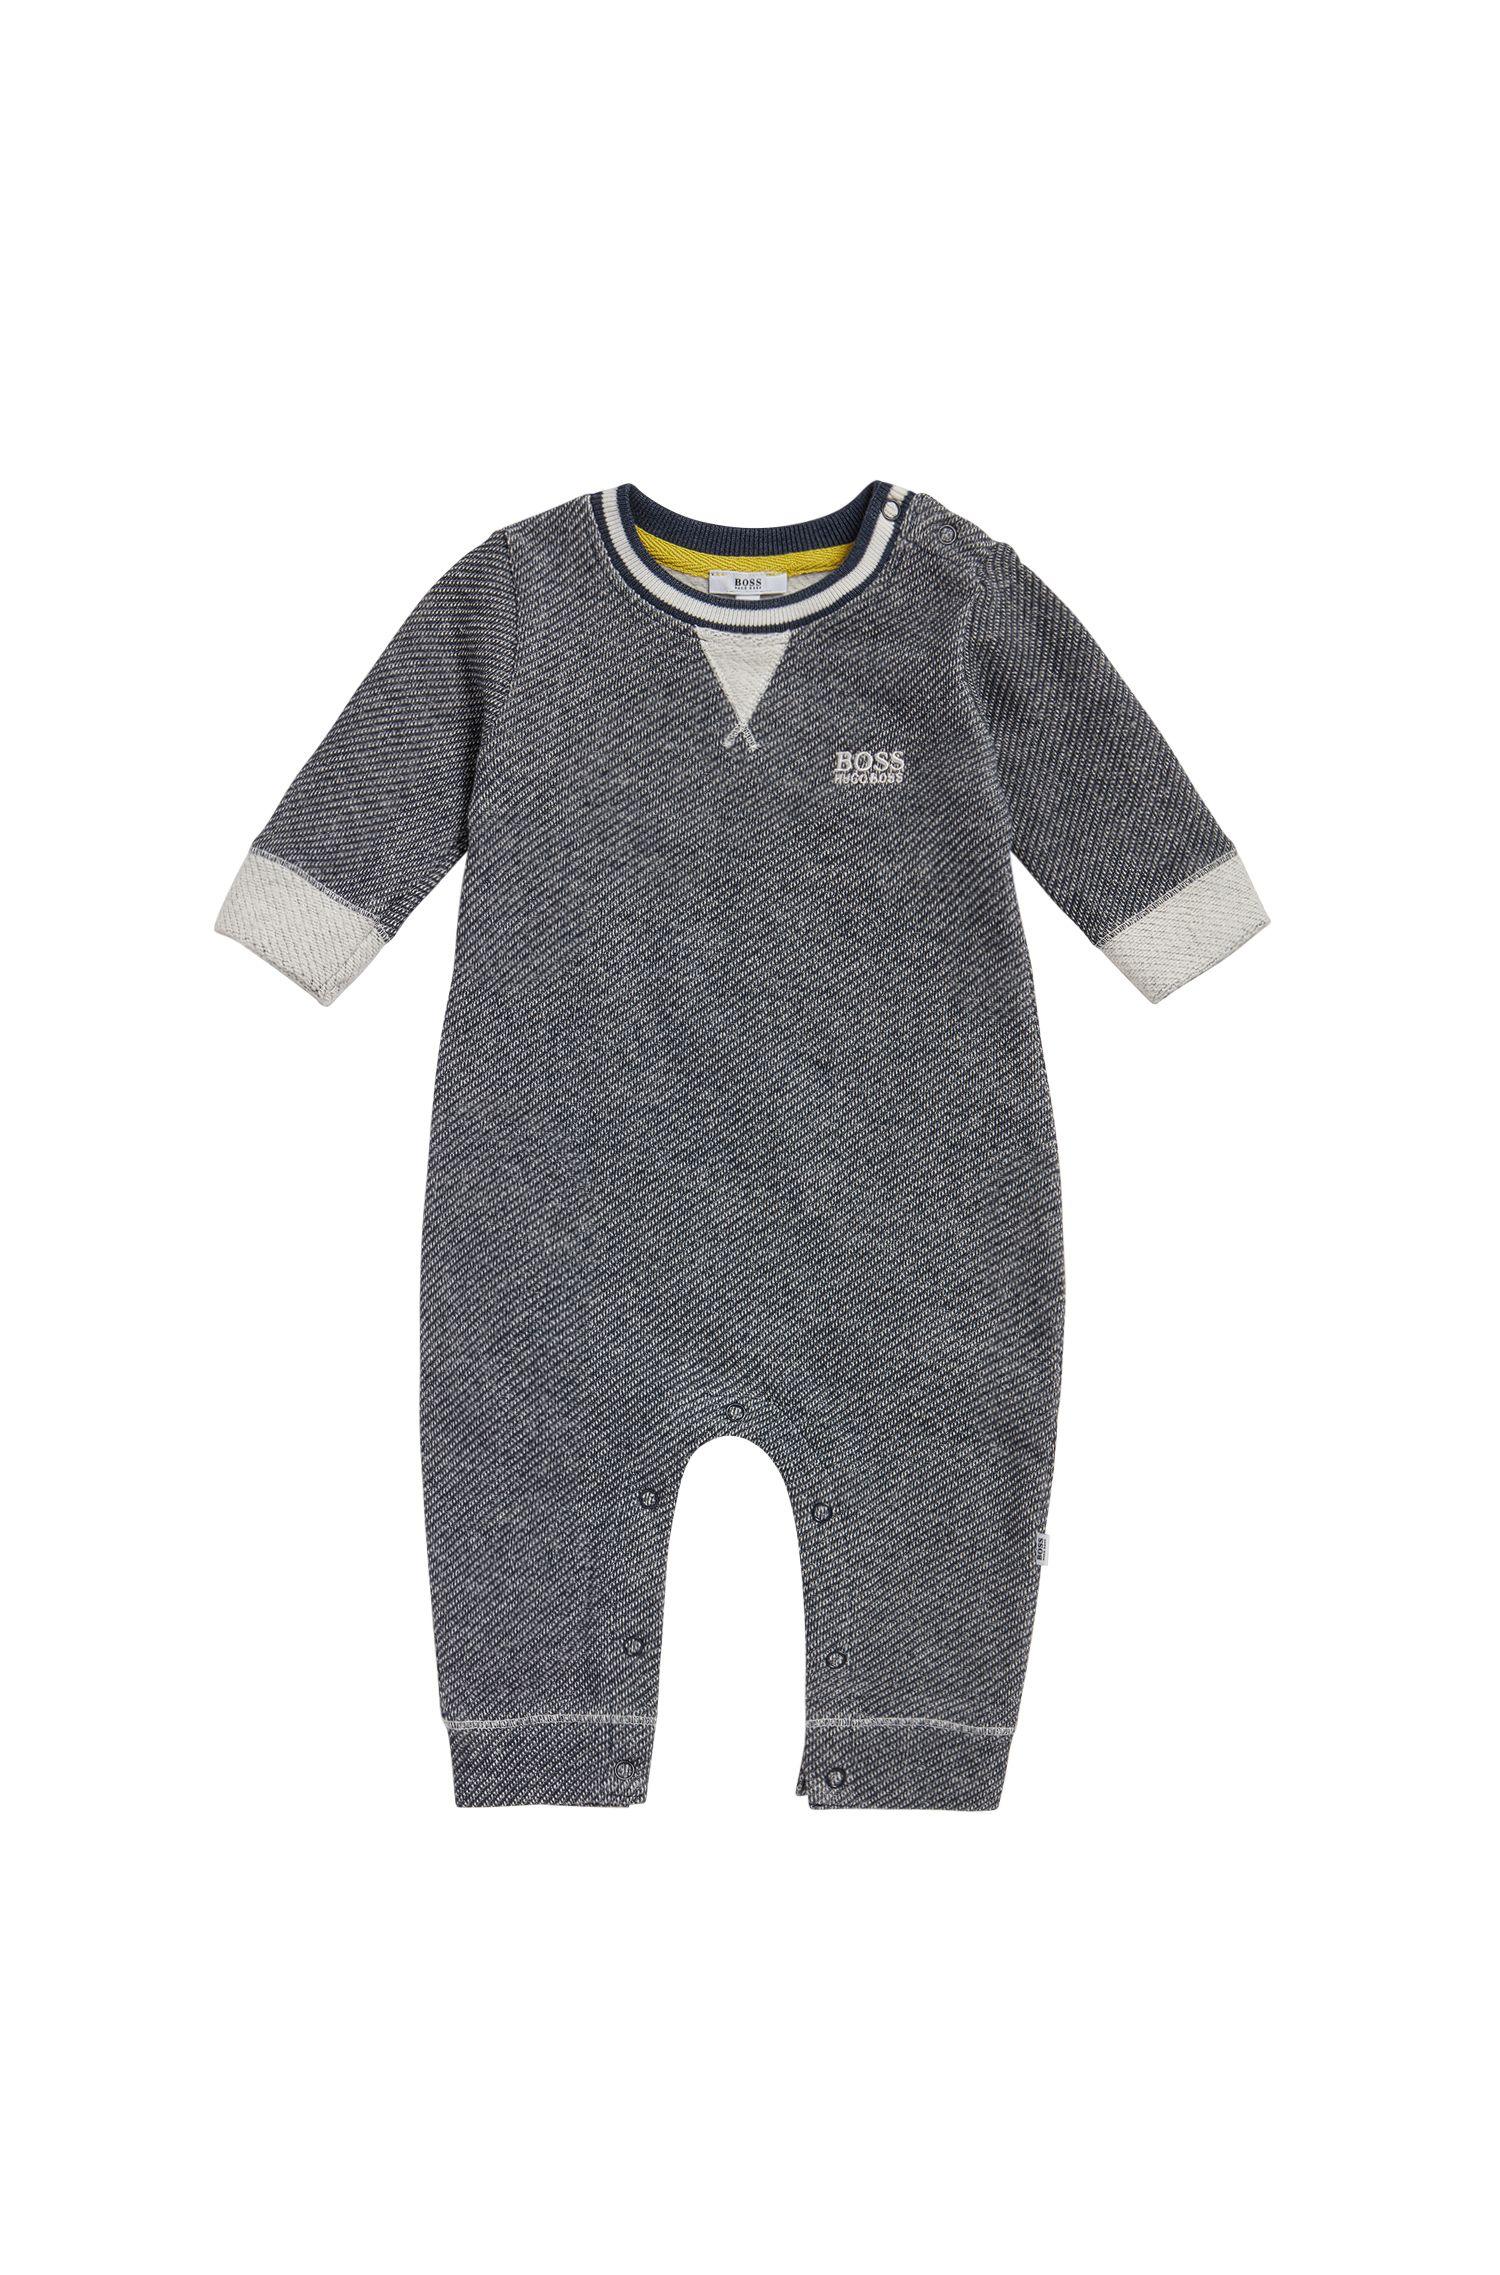 Baby-Strampler aus Baumwolle mit Webstruktur: 'J94170'